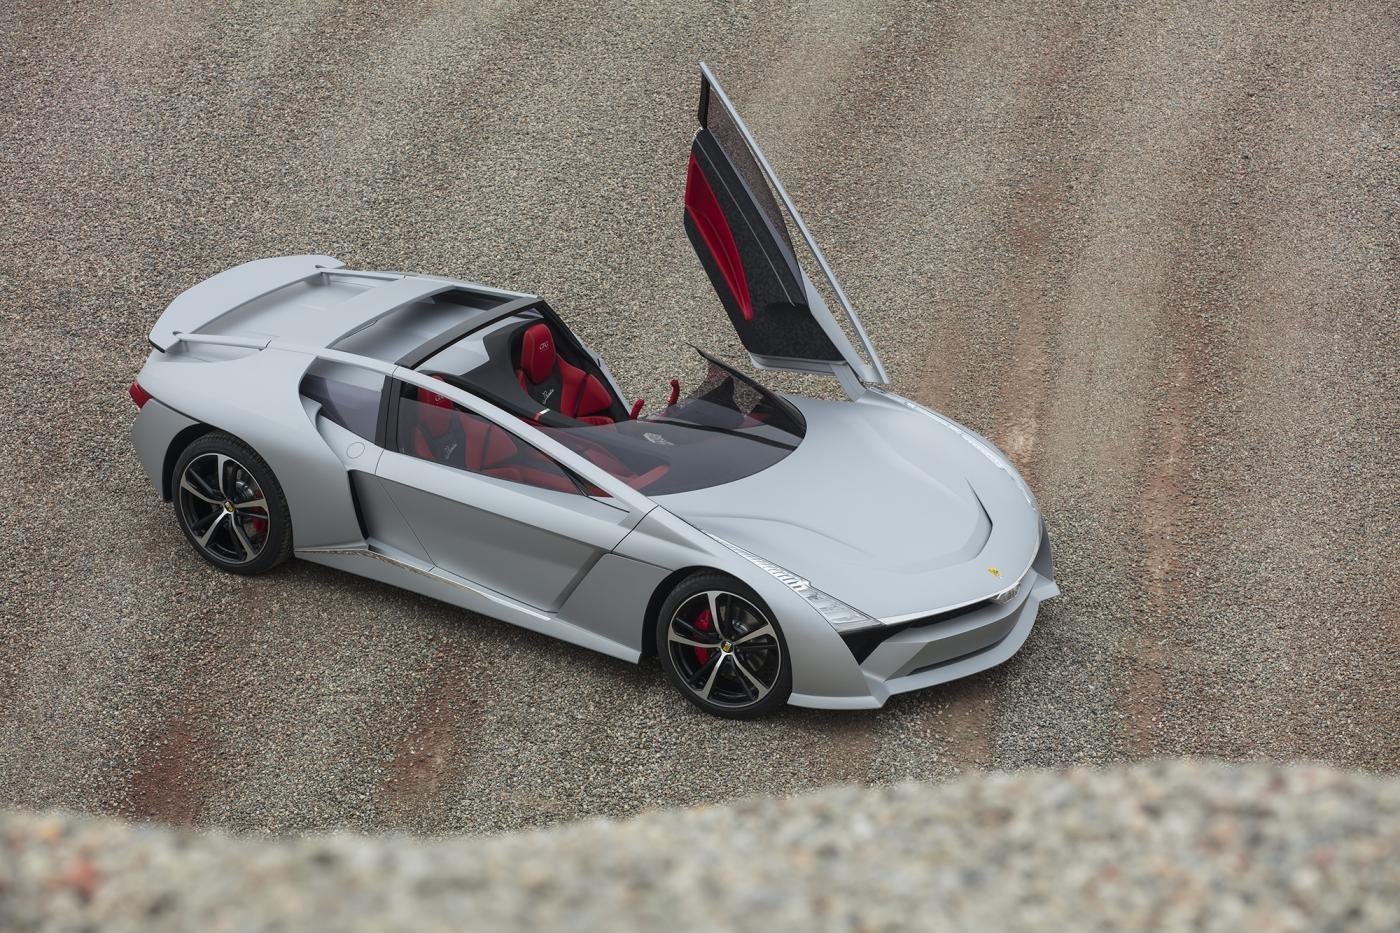 Auto, Giugiaro progetta il futuro: presentate 3 super car elettriche per stupire